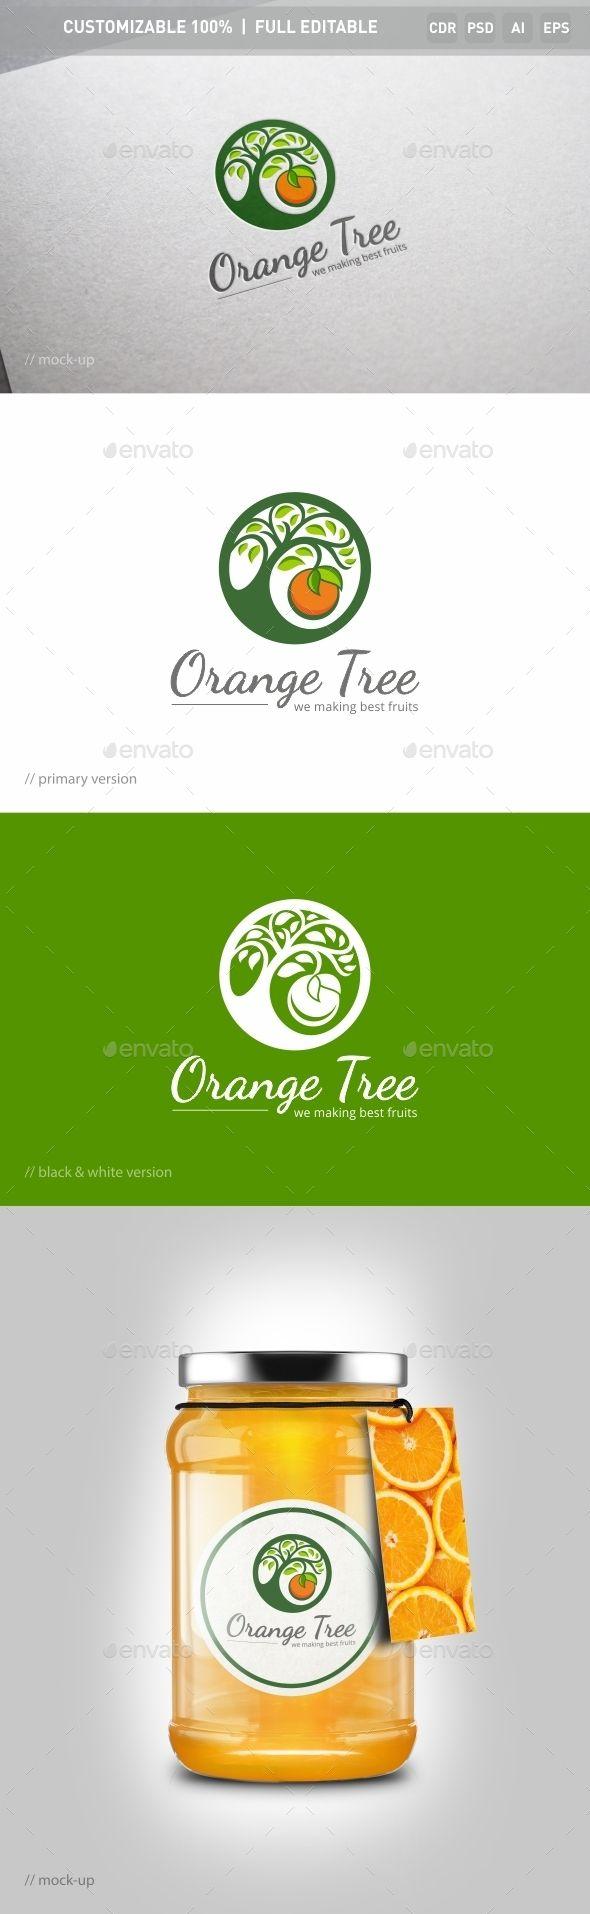 Orange Tree Logo Template — Photoshop PSD #eco #fruit logo ...  Orange Tree Log...